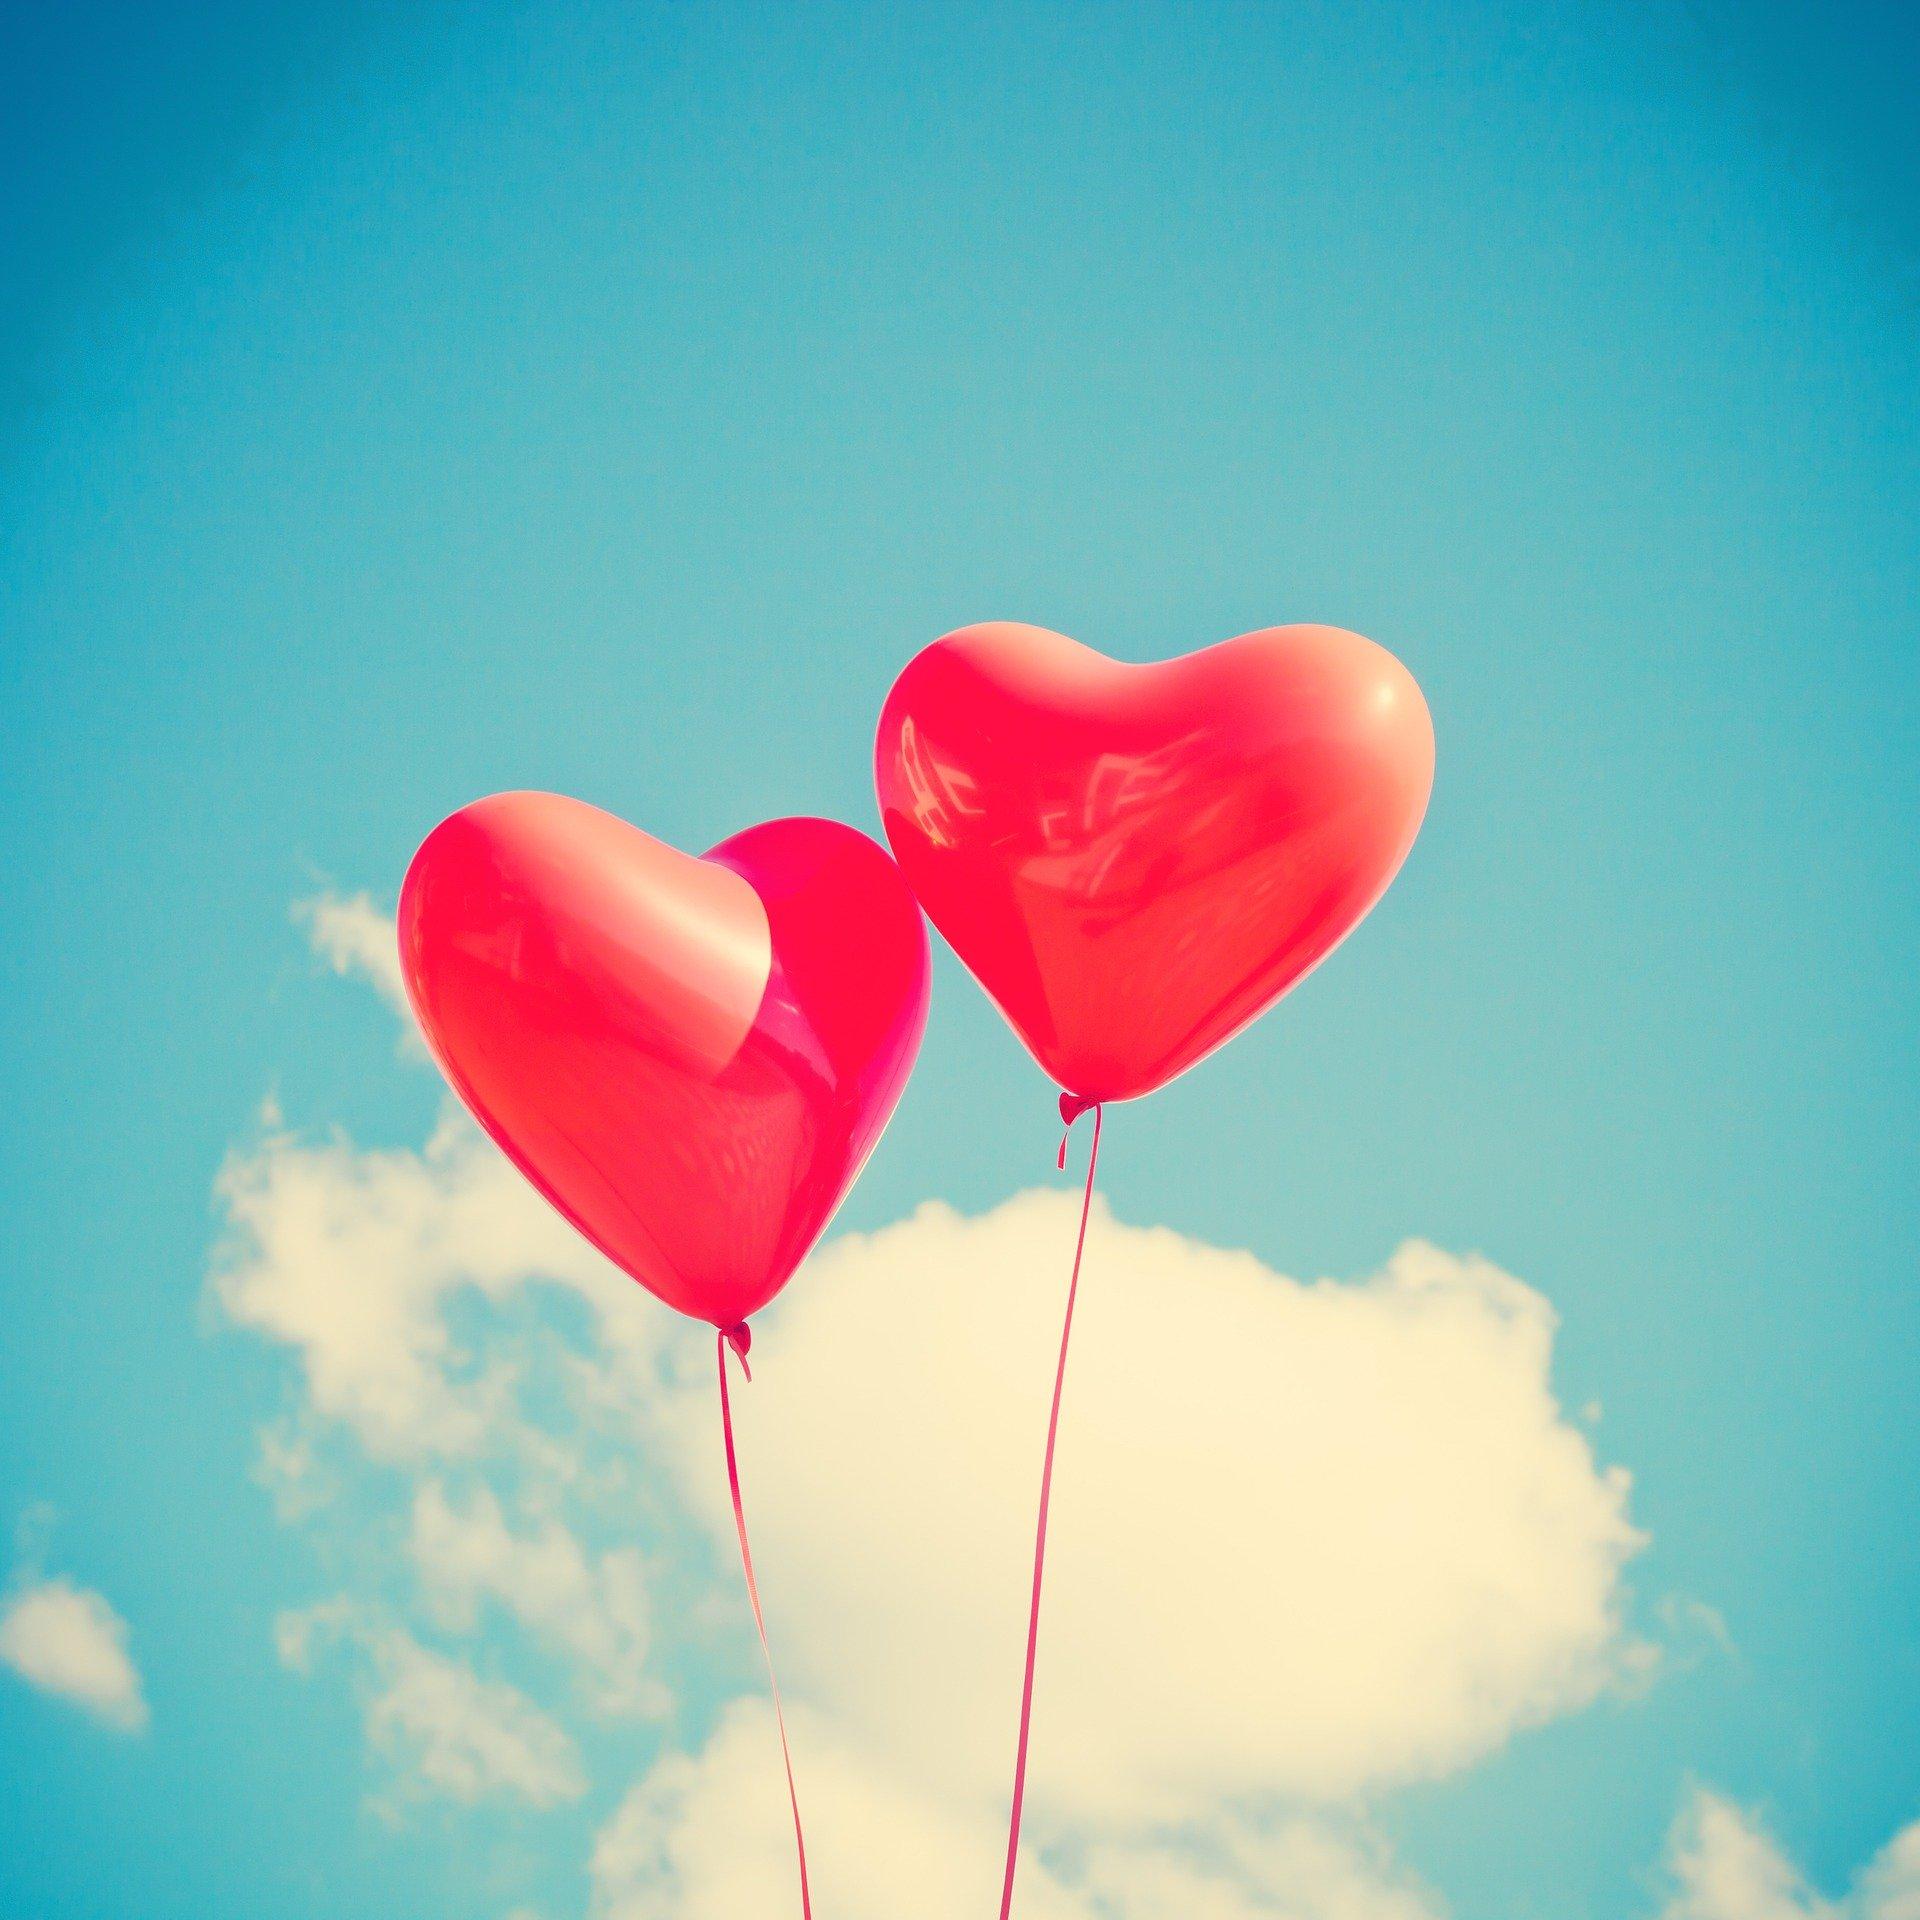 amor y psicología iyoud psicólogos en linea